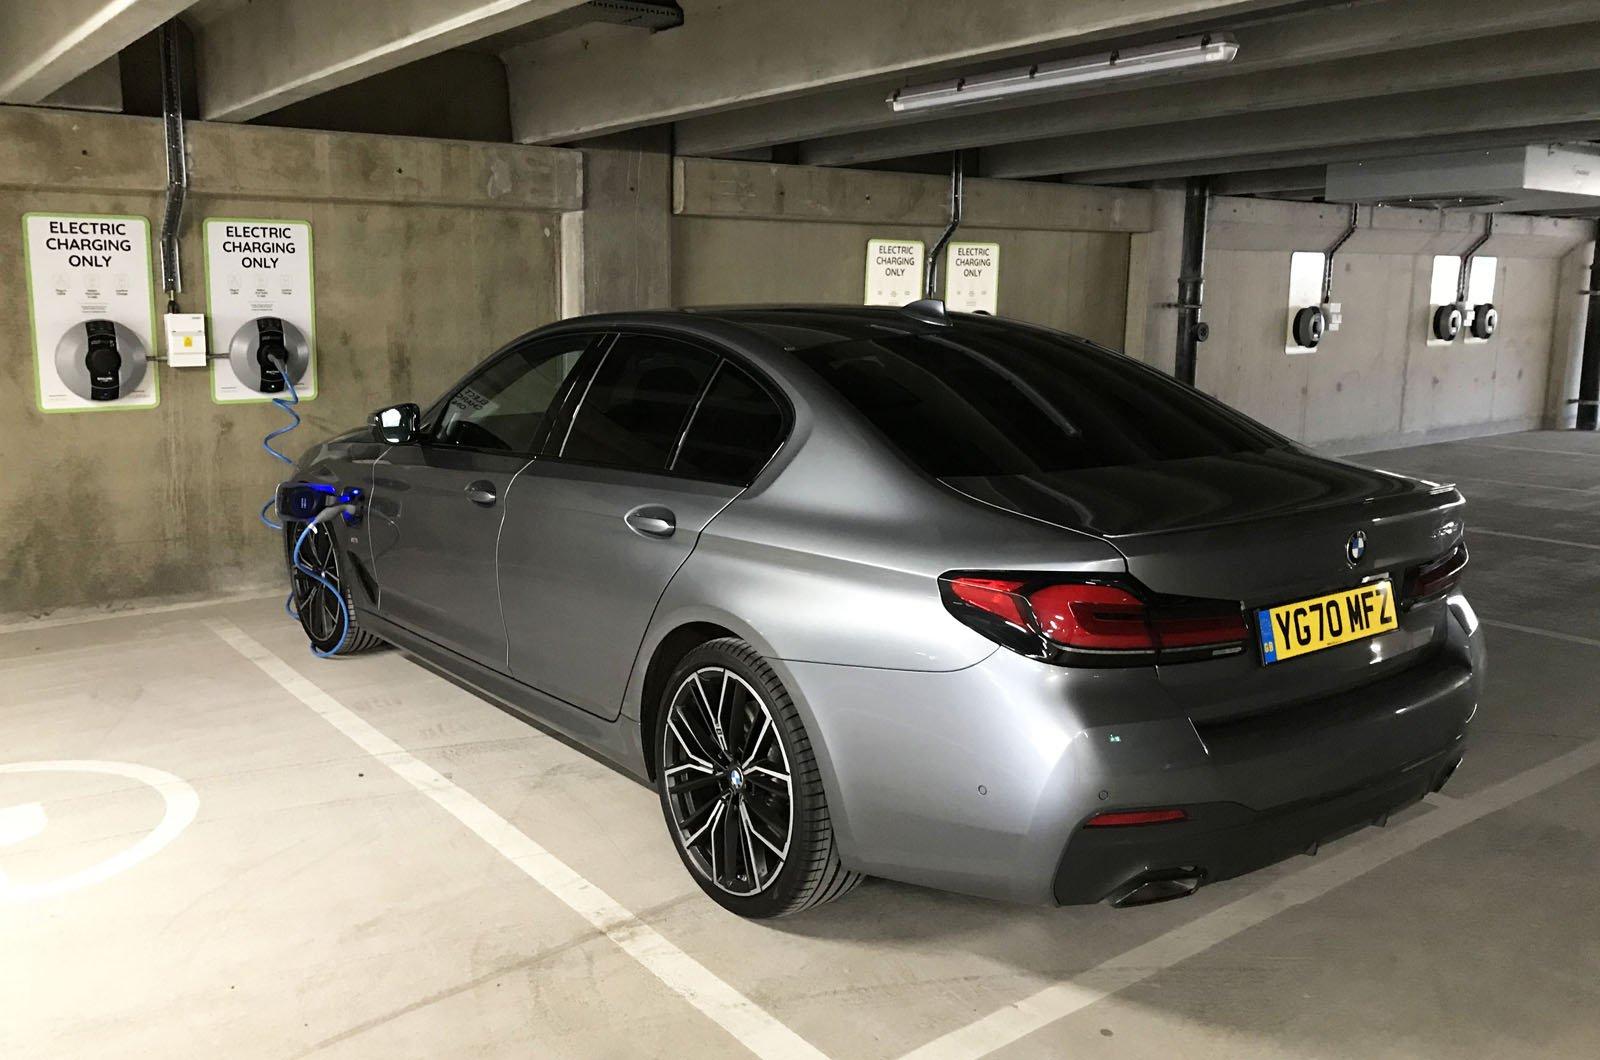 LT BMW 530e charging